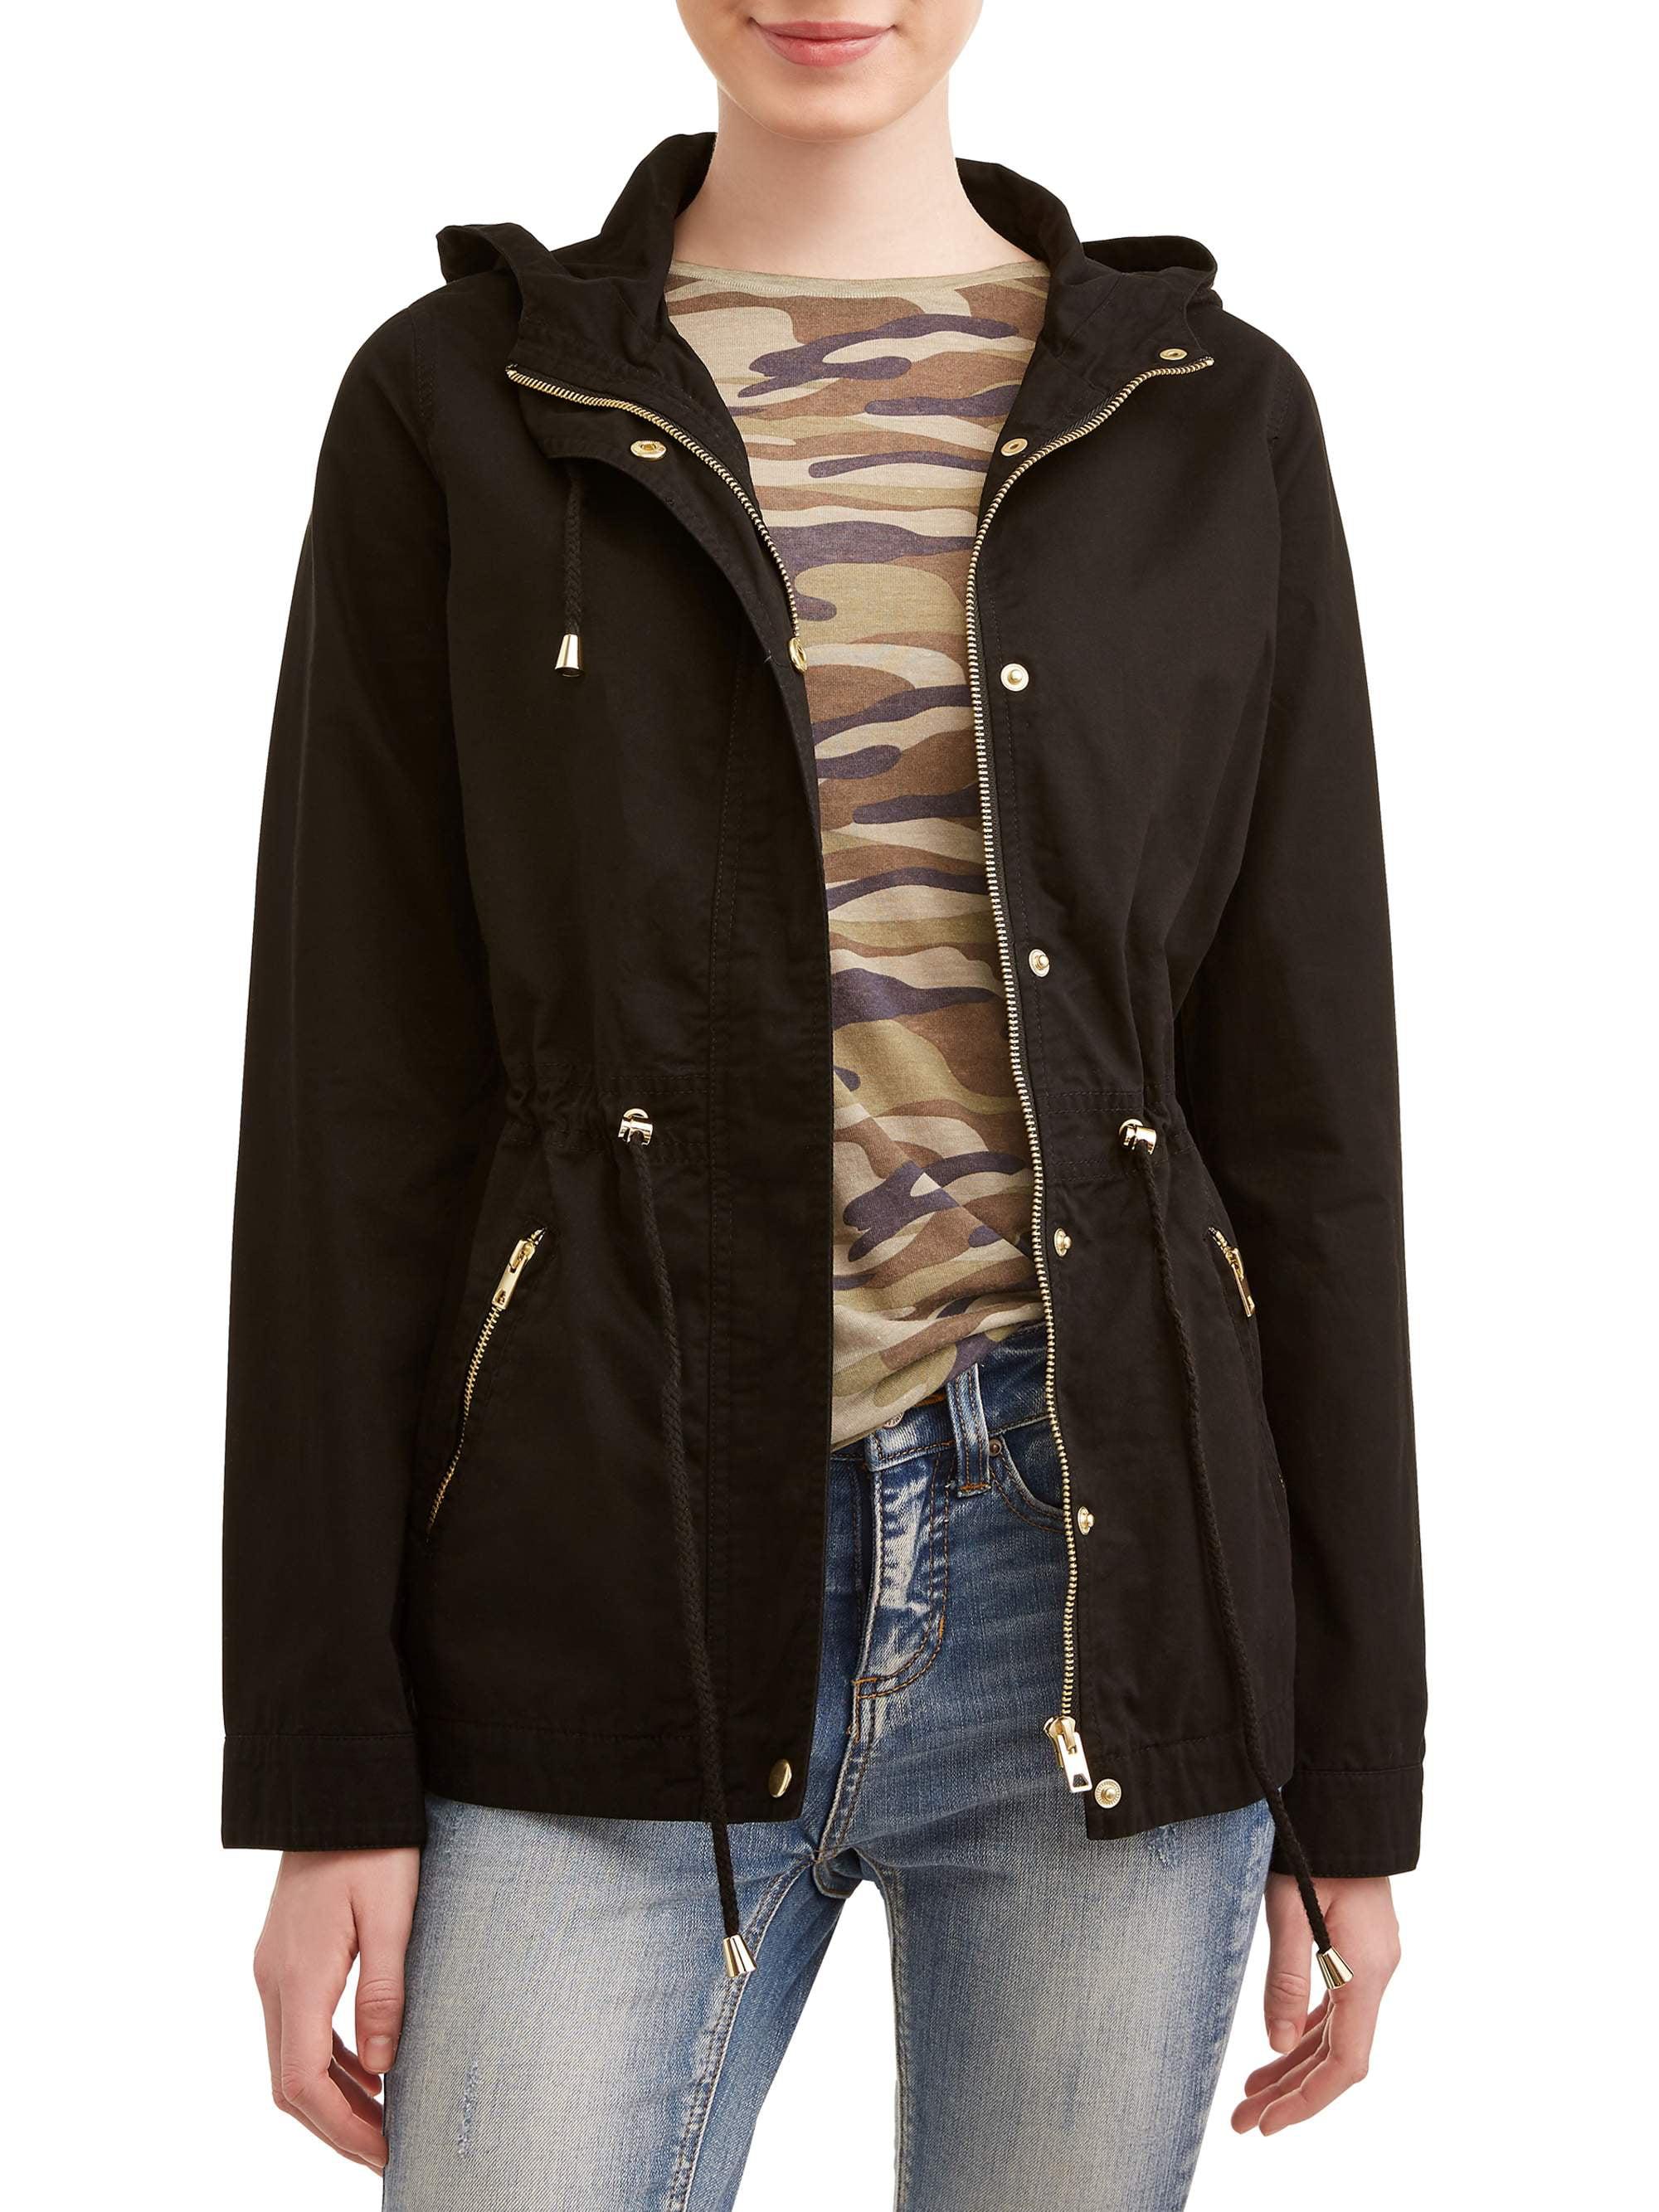 Juniors' Zip Up Pocket Front Hooded Anorak Jacket